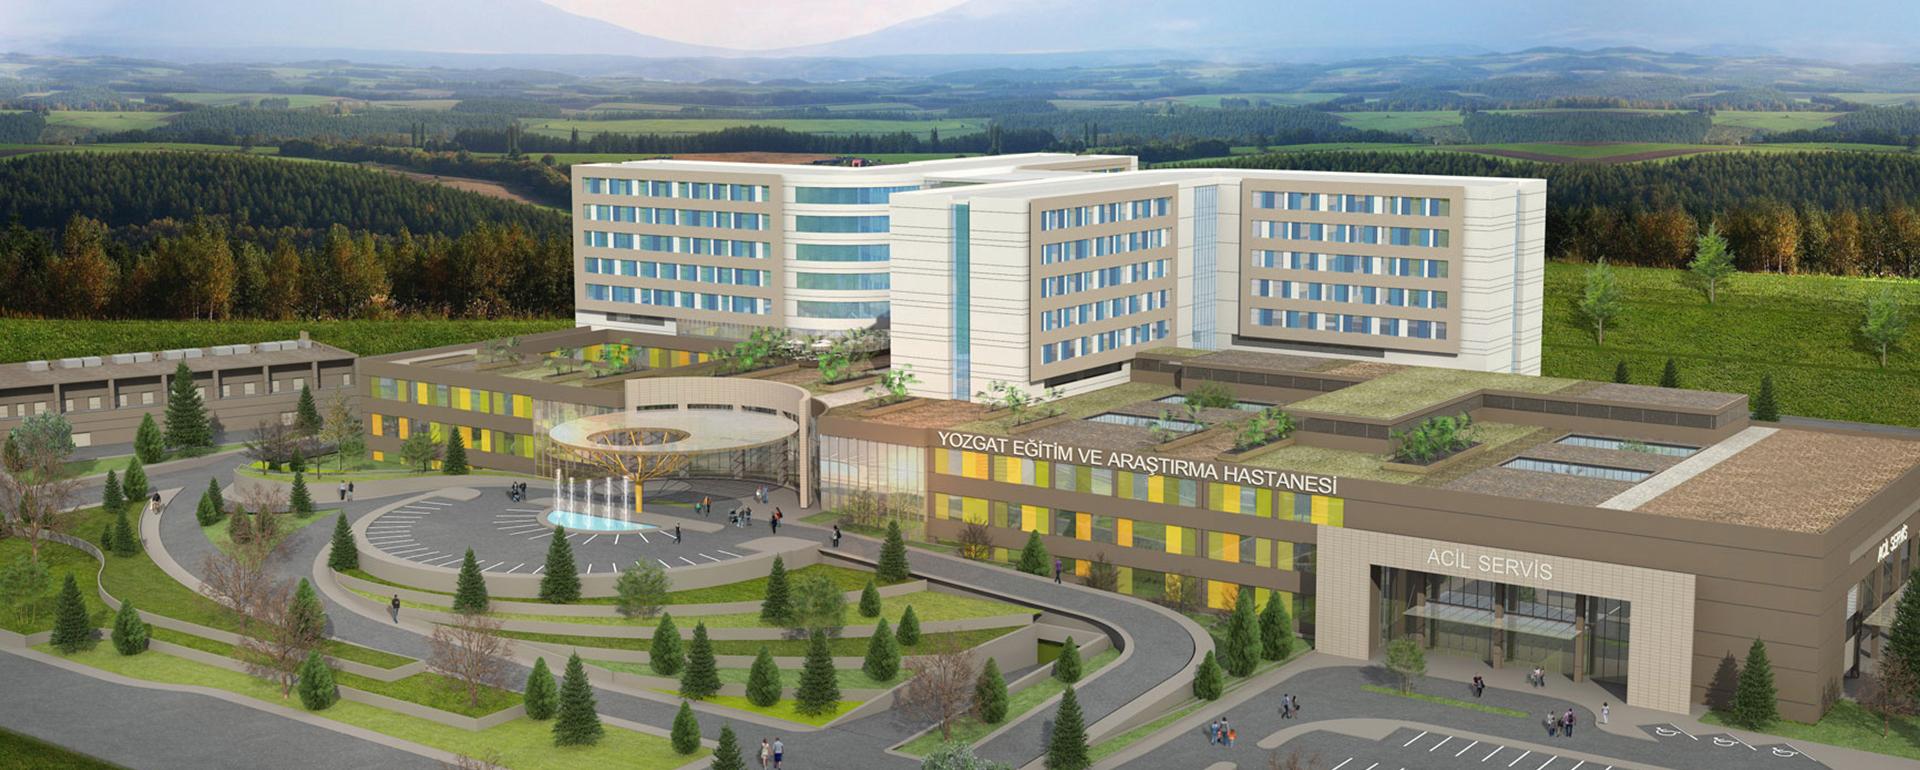 Kempinski hotel case study